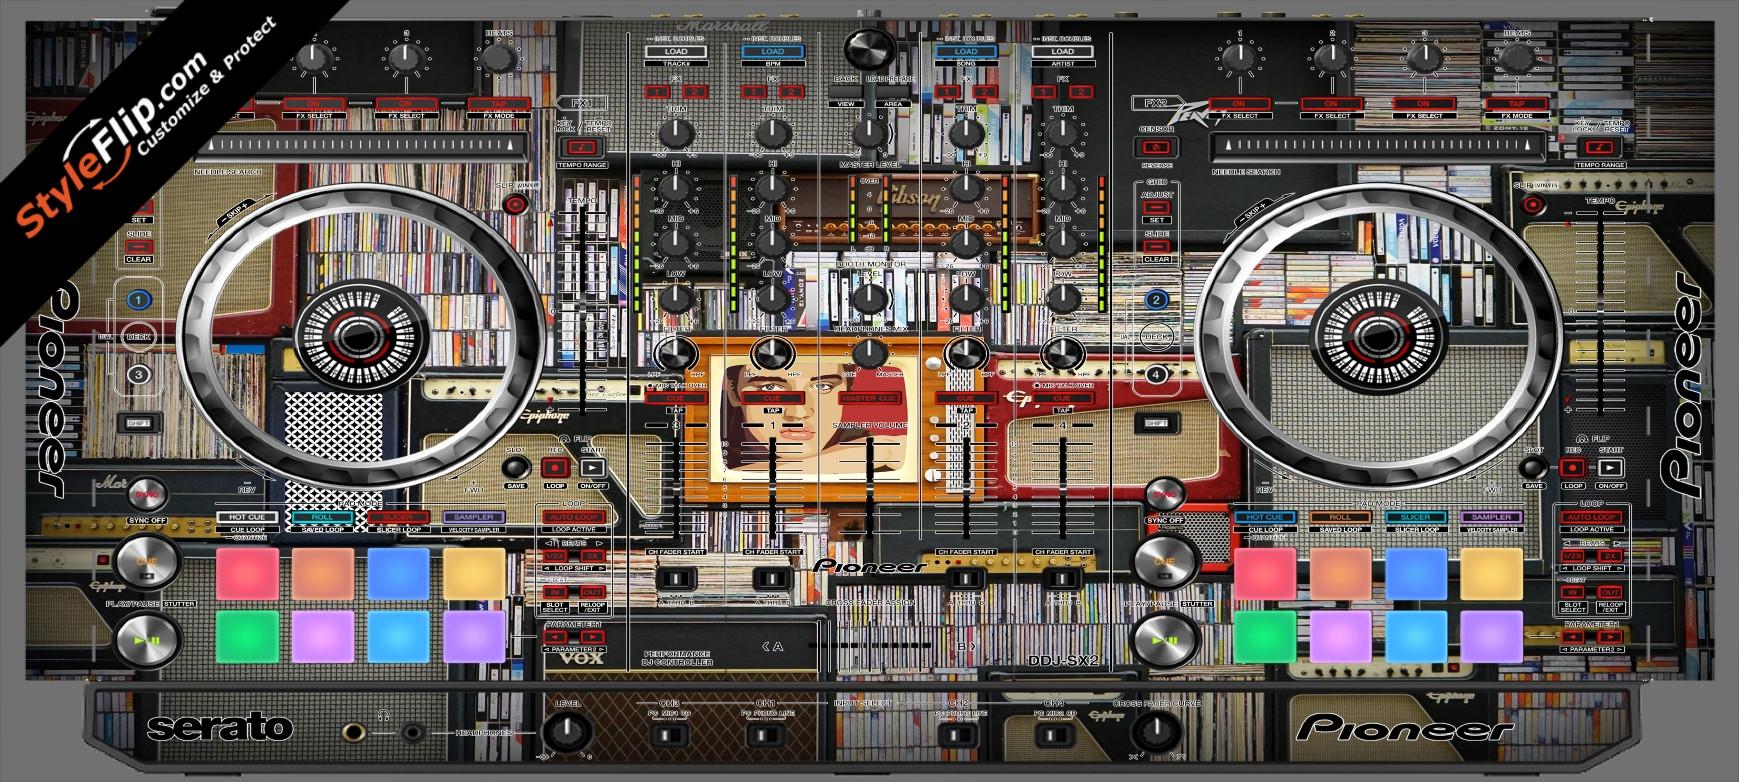 Classic  Pioneer DDJ-SX2